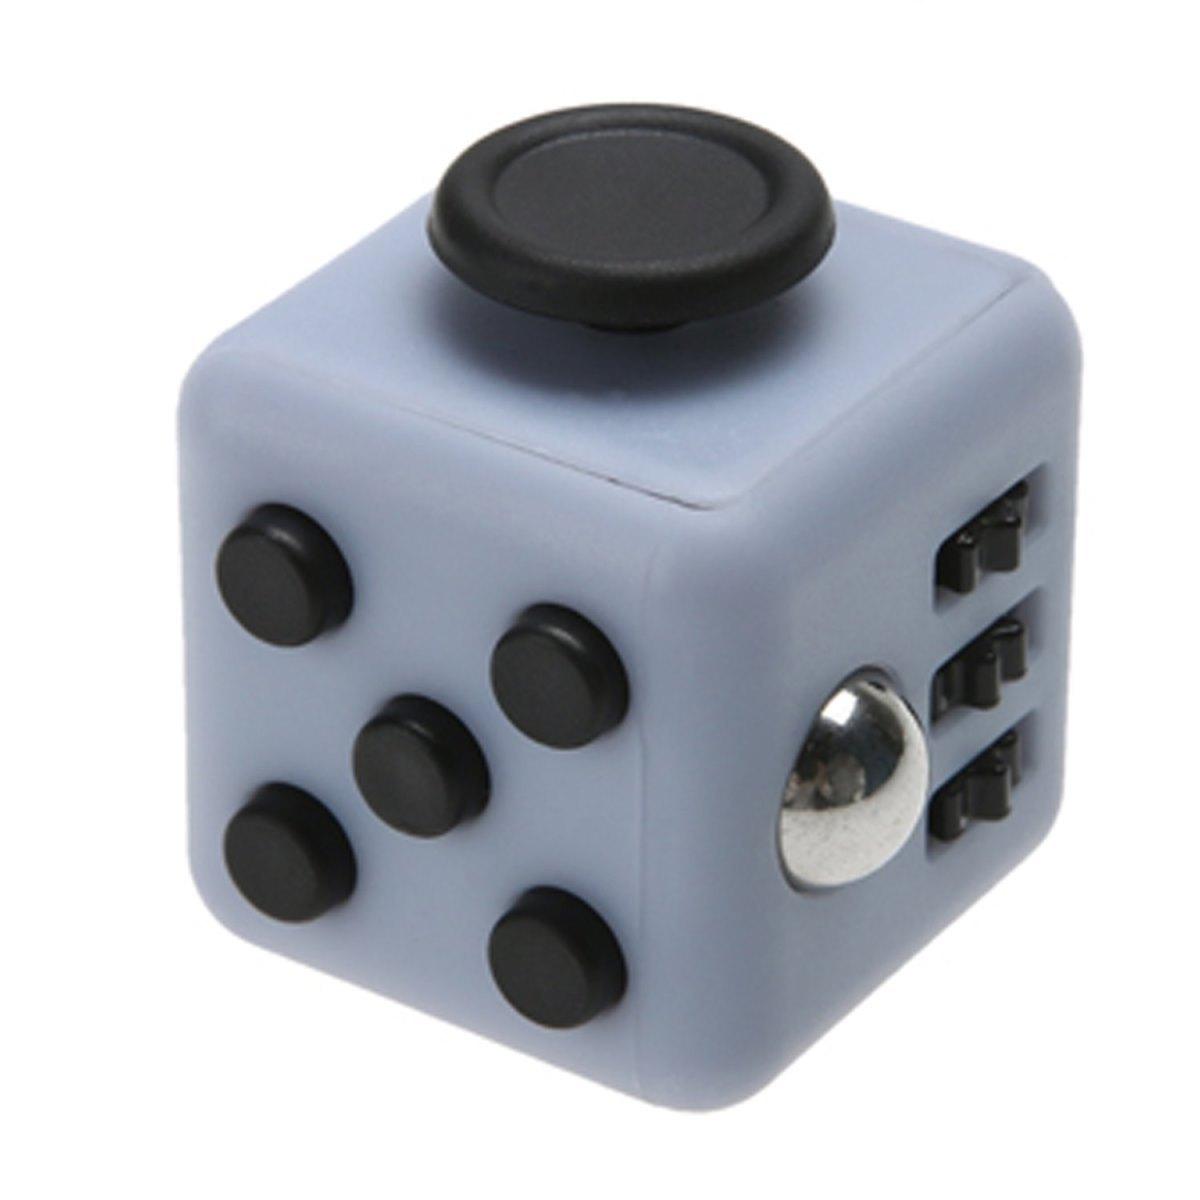 Игрушка-антистресс - FidgetCube Light, серо-черныйАнтистресс кубики Fidget Cube<br>Игрушка-антистресс - FidgetCube Light, серо-черный<br>